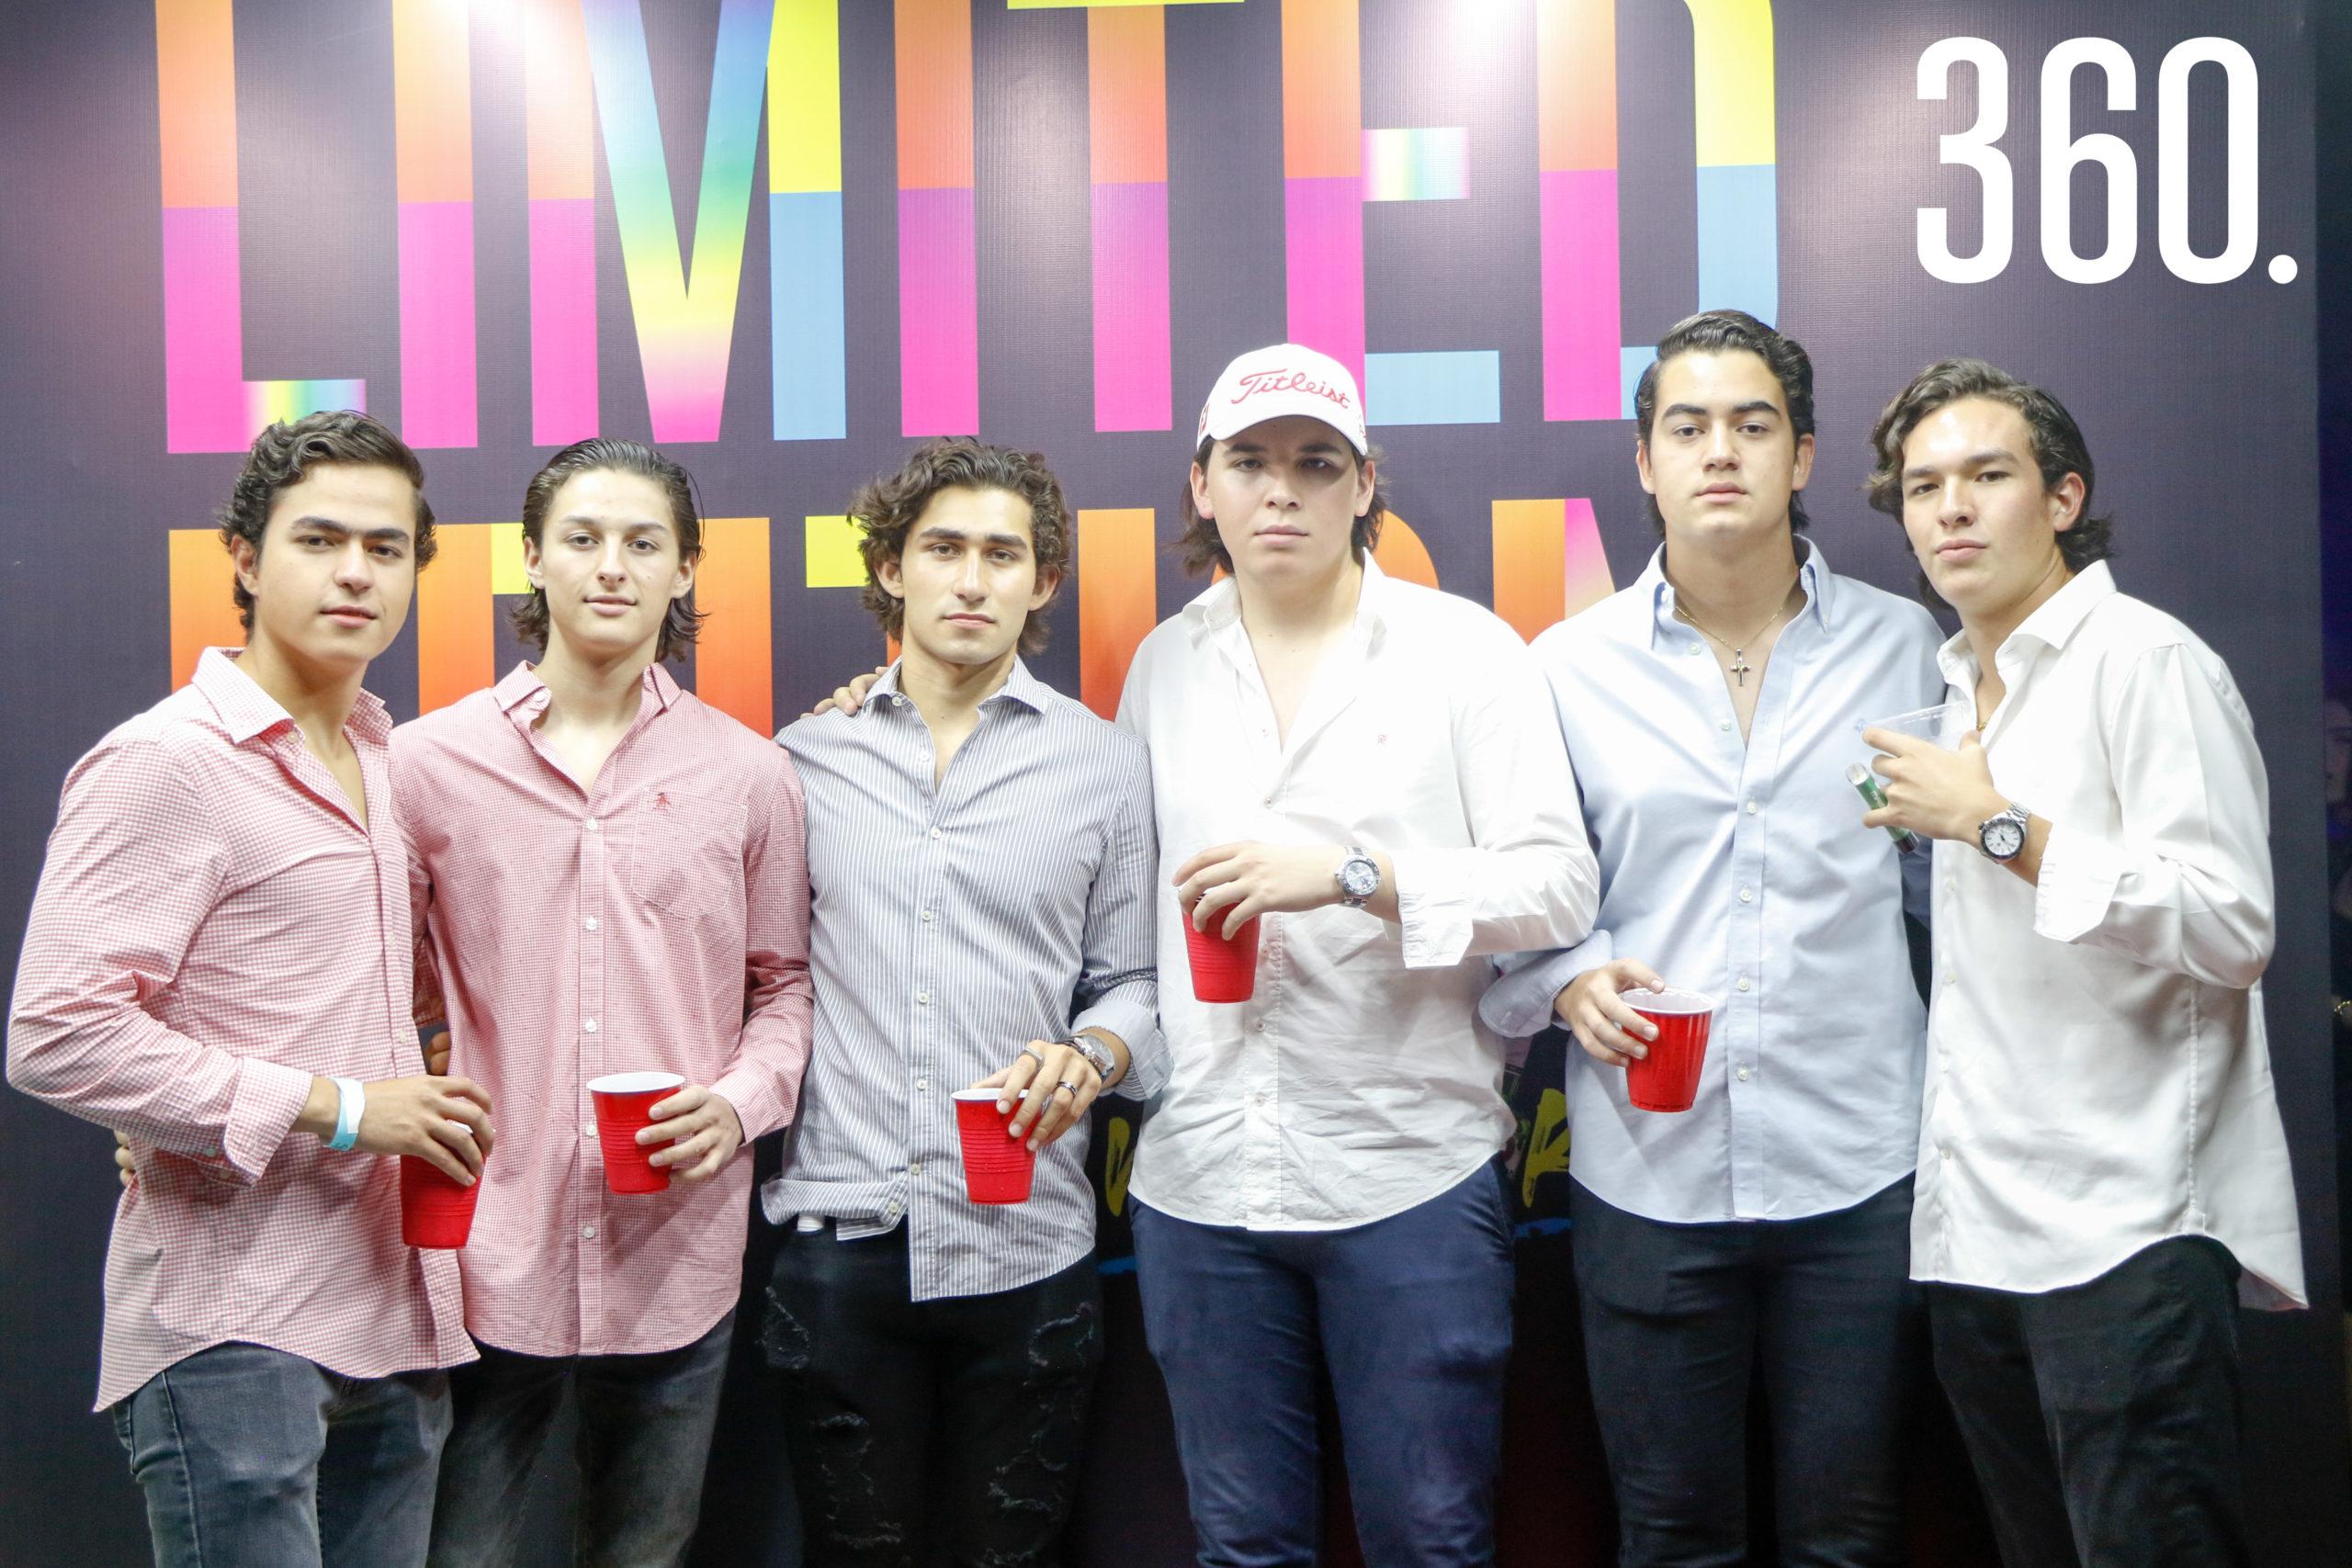 Arturo del Bosque, Alejandro Torres, Rubén Escudero, David Lara, Marcelo Carranza y José Ramón Oceguera.